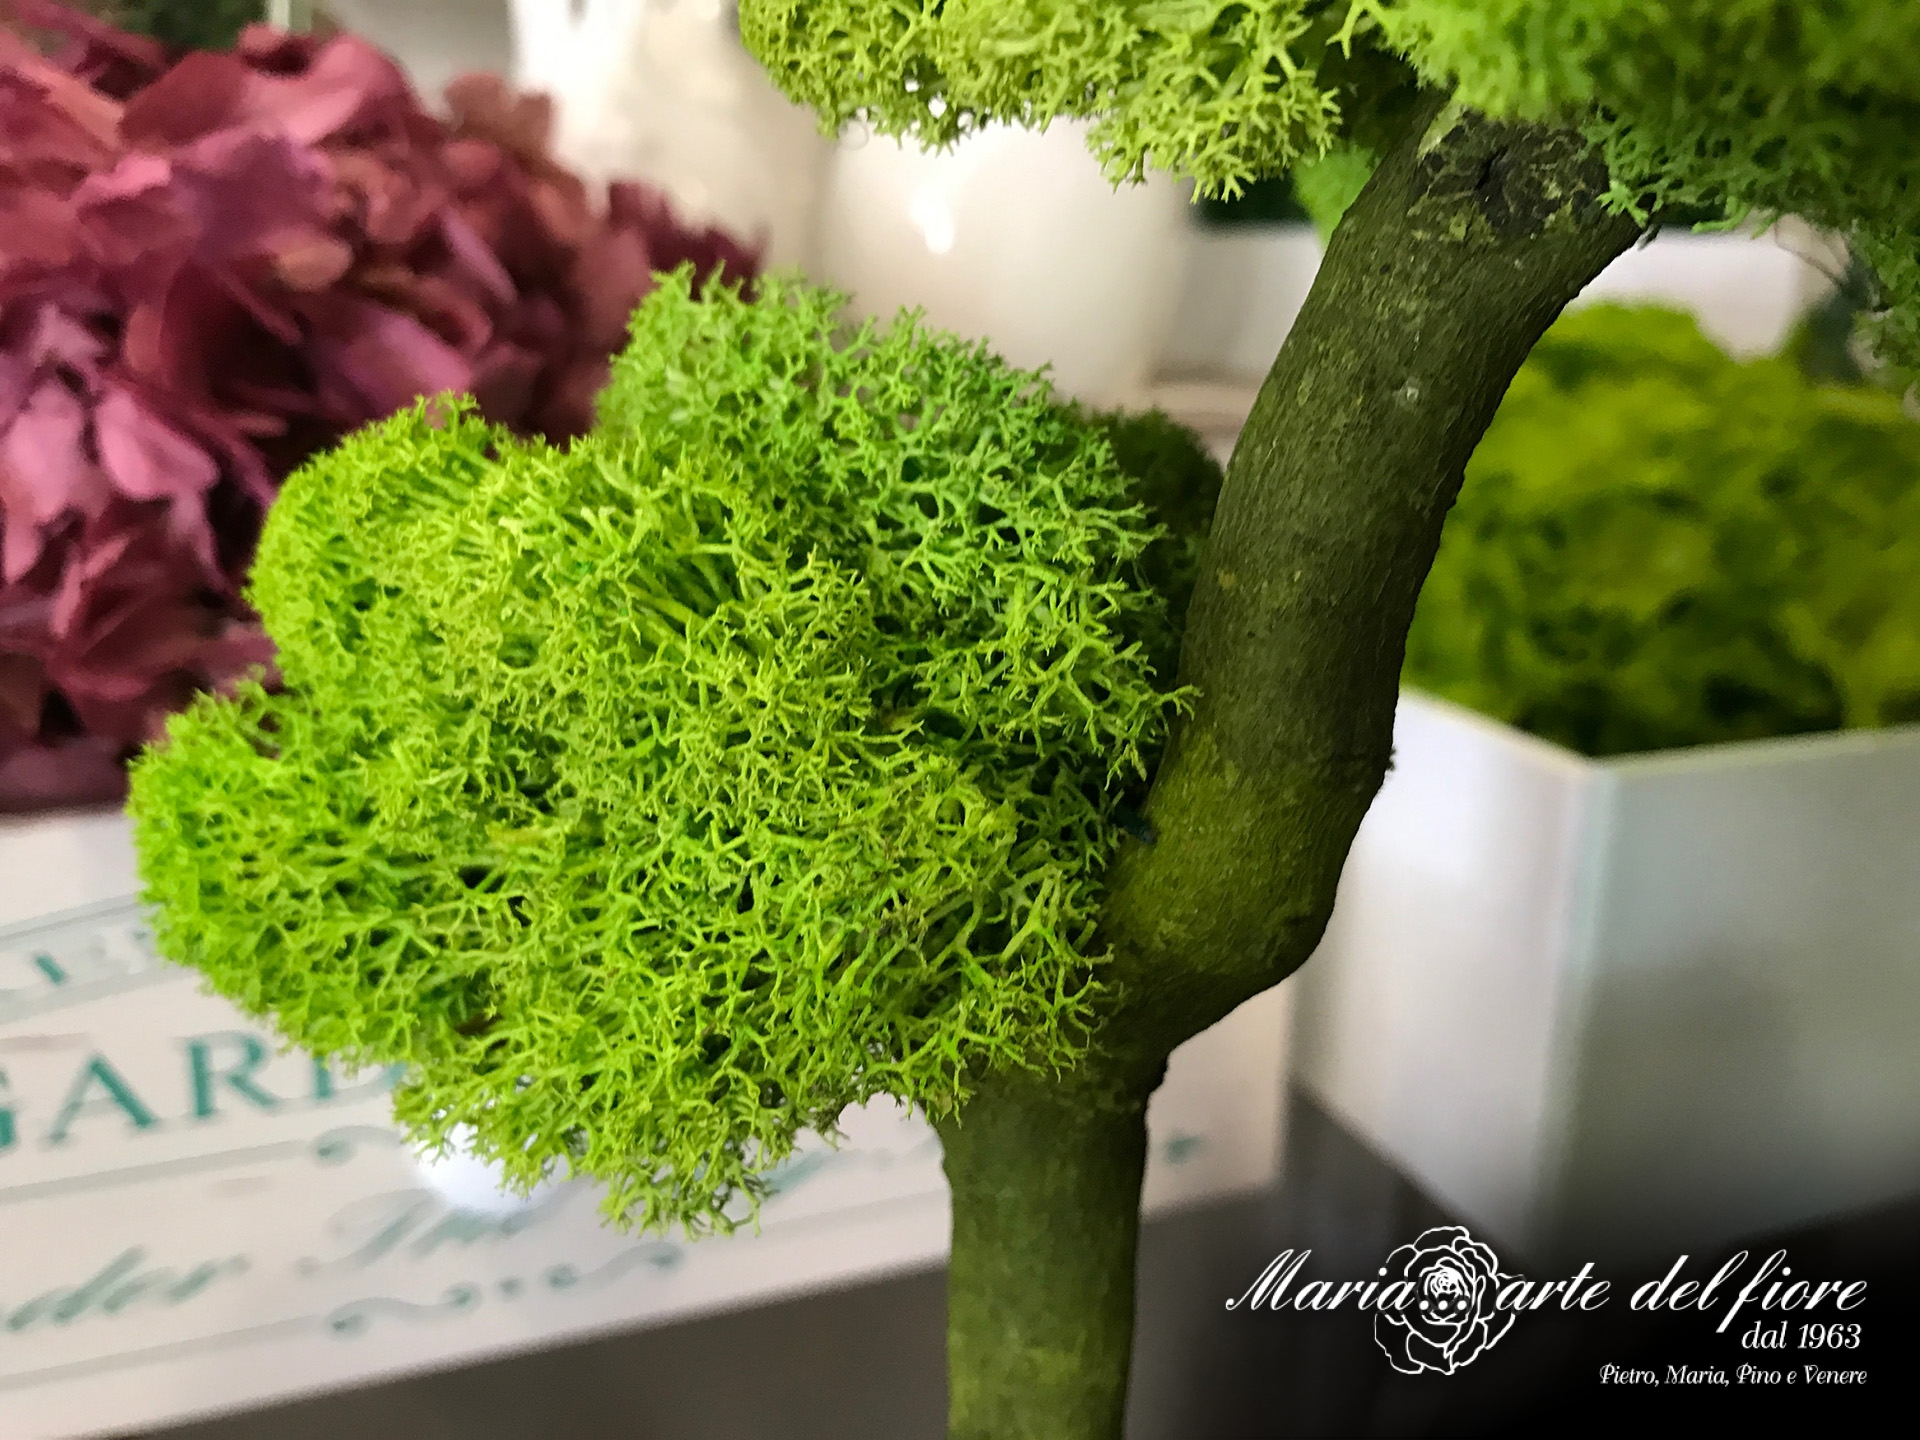 Maria-Arte-Del-Fiore-Fornitura-di-Rose-stabilizzate-Fiori-Verdi-Muschi-Licheni-stabilizzati_08